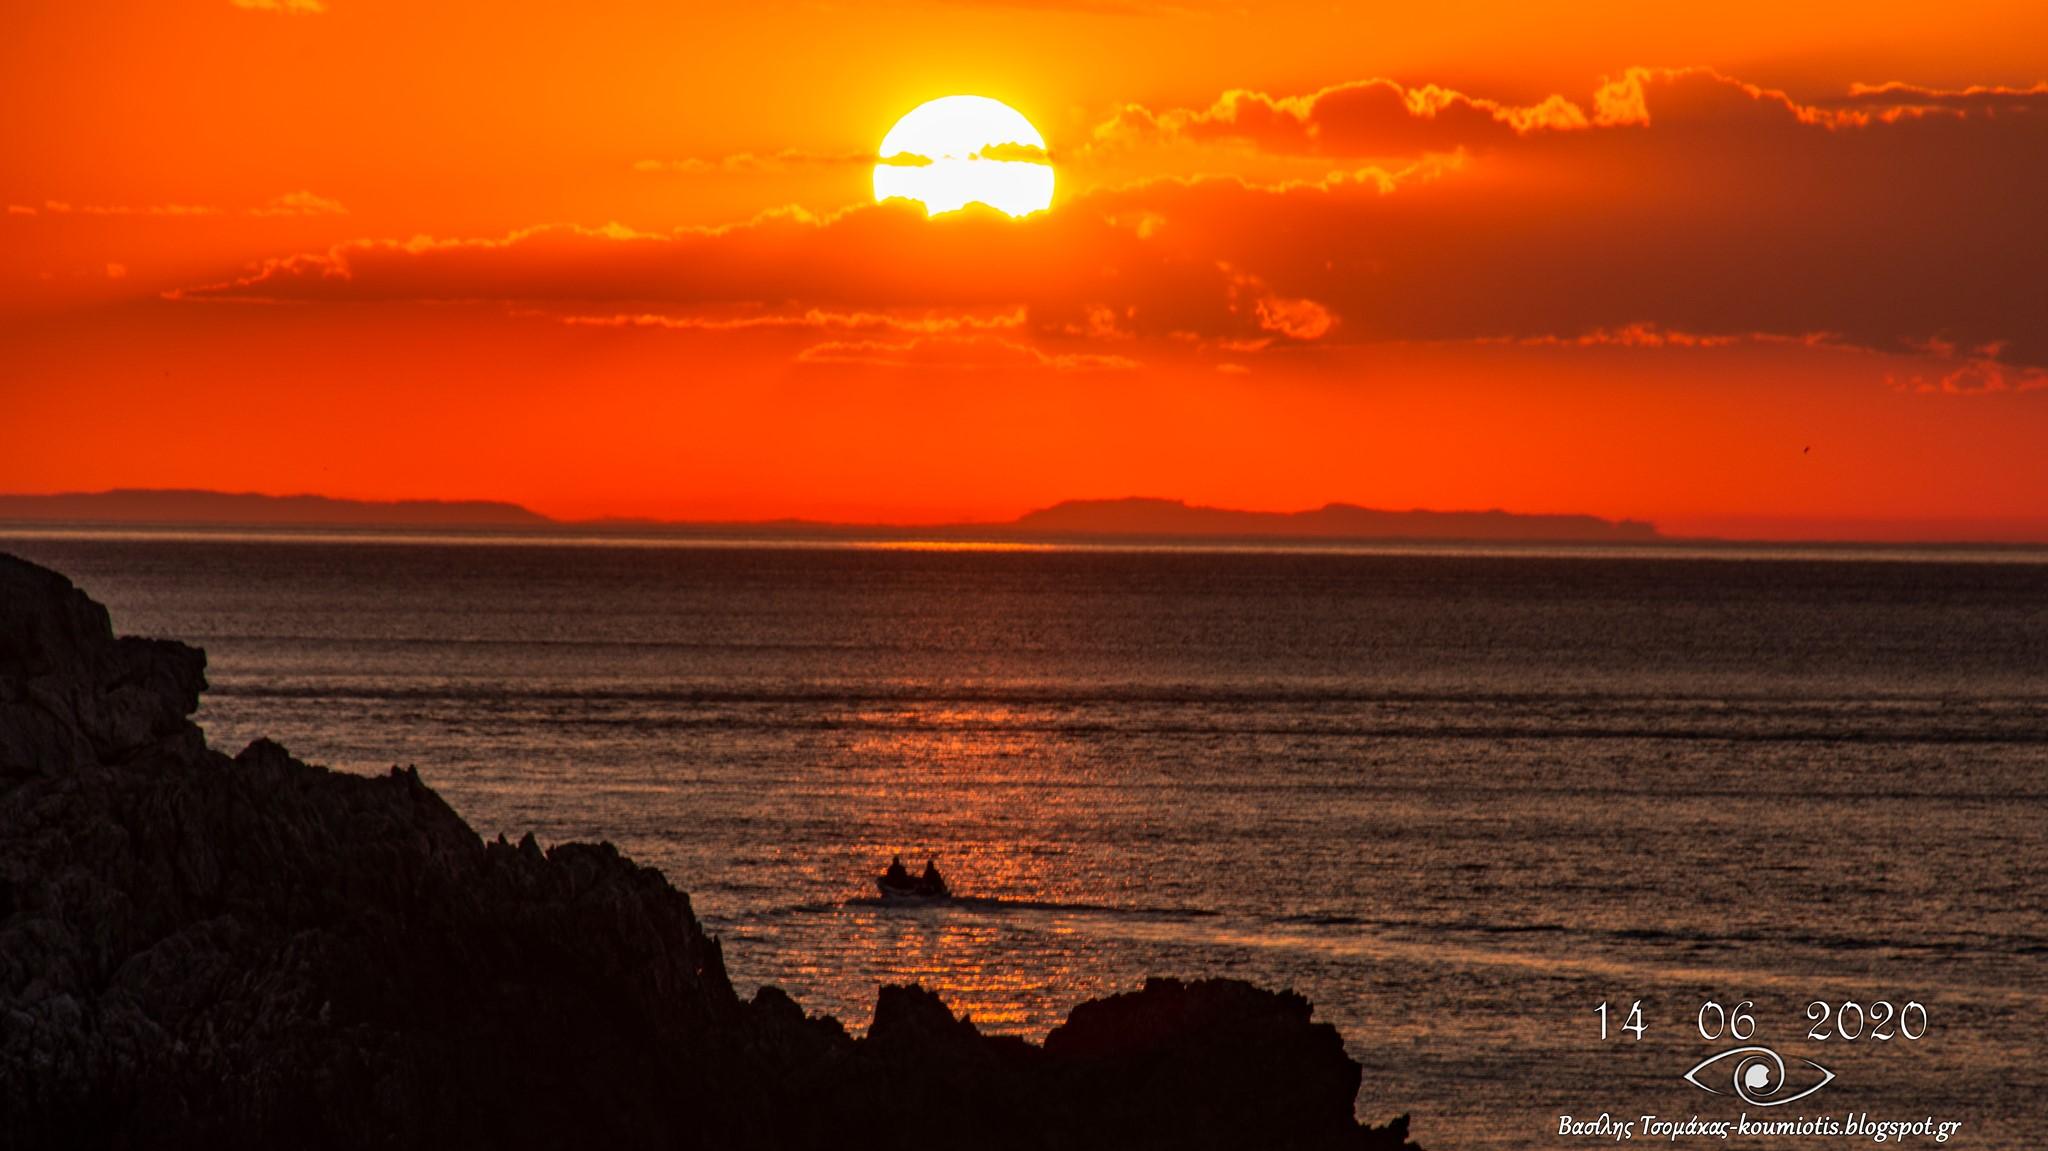 Κύμη Ευβοίας: Το θέαμα του ηλιοβασιλέματος που θα σας αφήσει άφωνους, Κύμη Ευβοίας: Το θέαμα του ηλιοβασιλέματος που θα σας αφήσει άφωνους, Eviathema.gr | ΕΥΒΟΙΑ ΝΕΑ - Νέα και ειδήσεις από όλη την Εύβοια